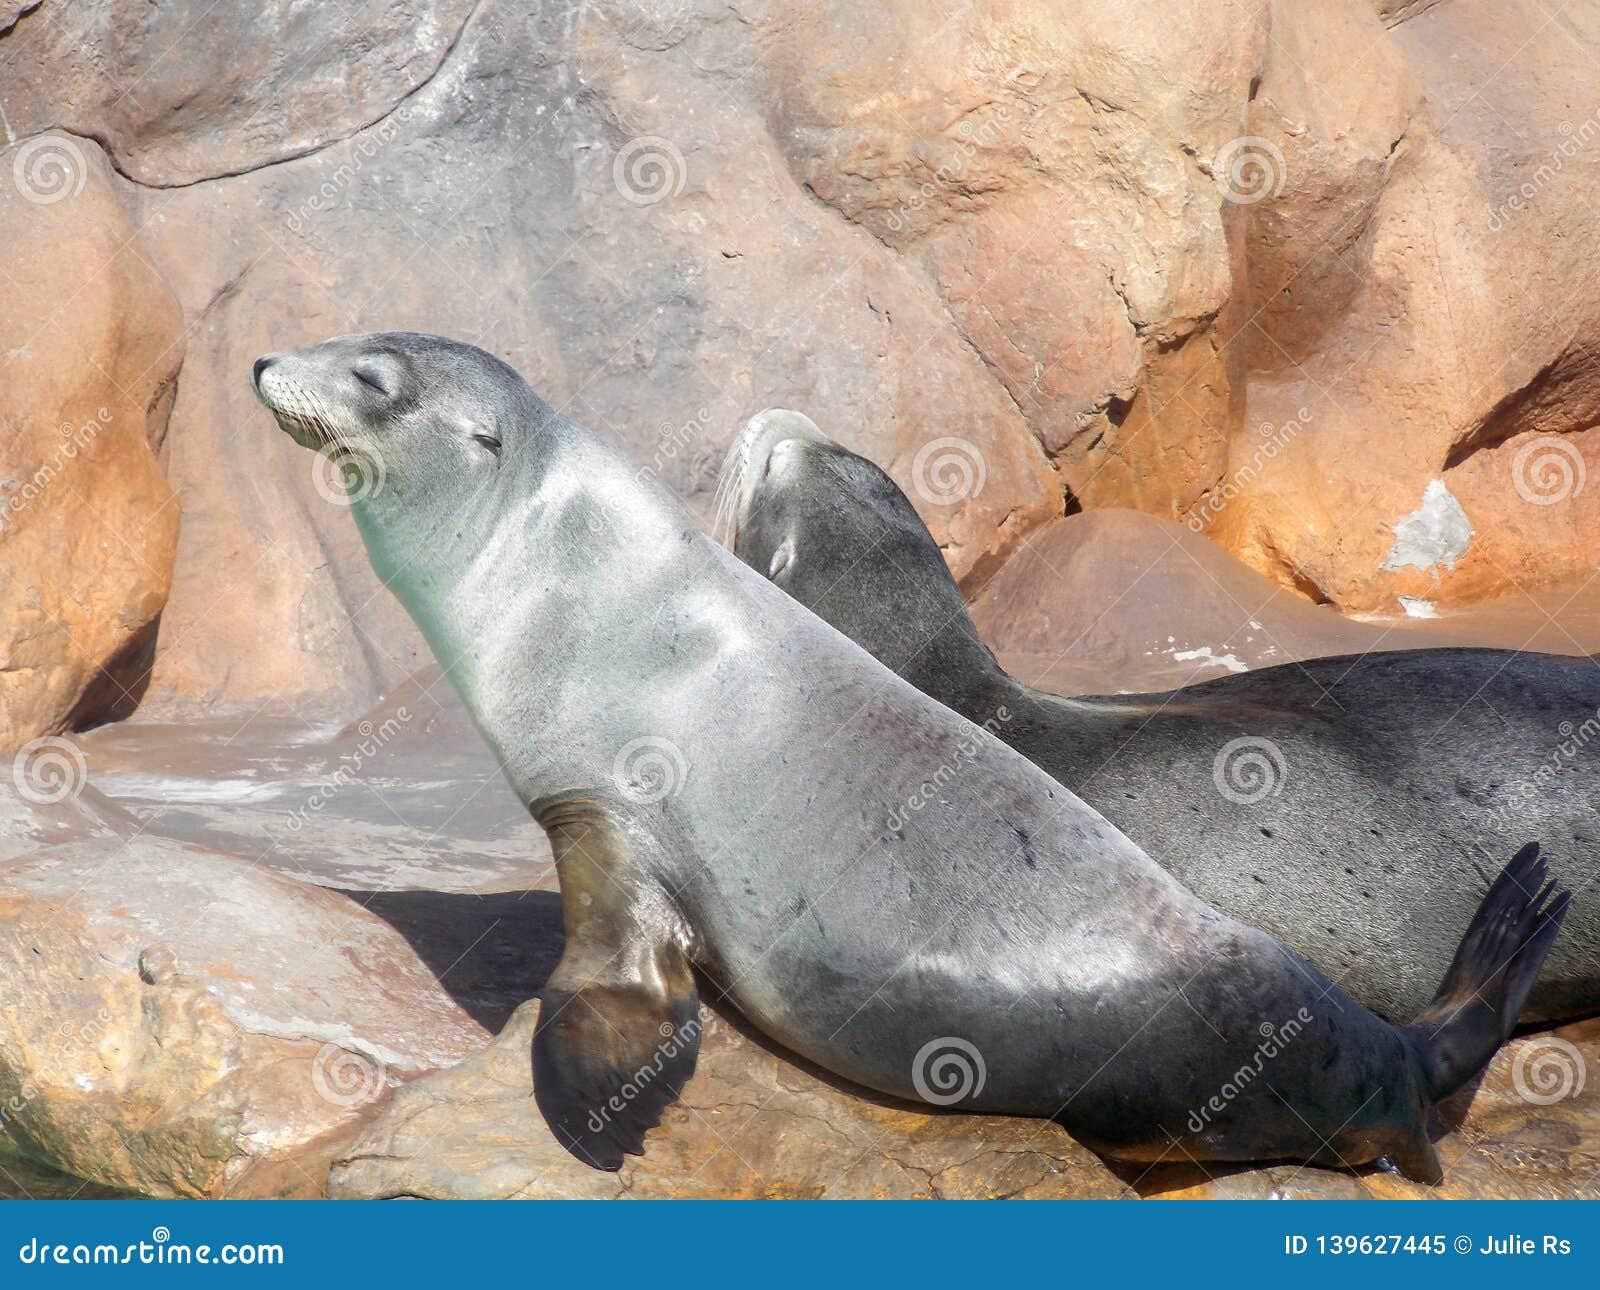 California sea lions in Siam Park, Tenerife